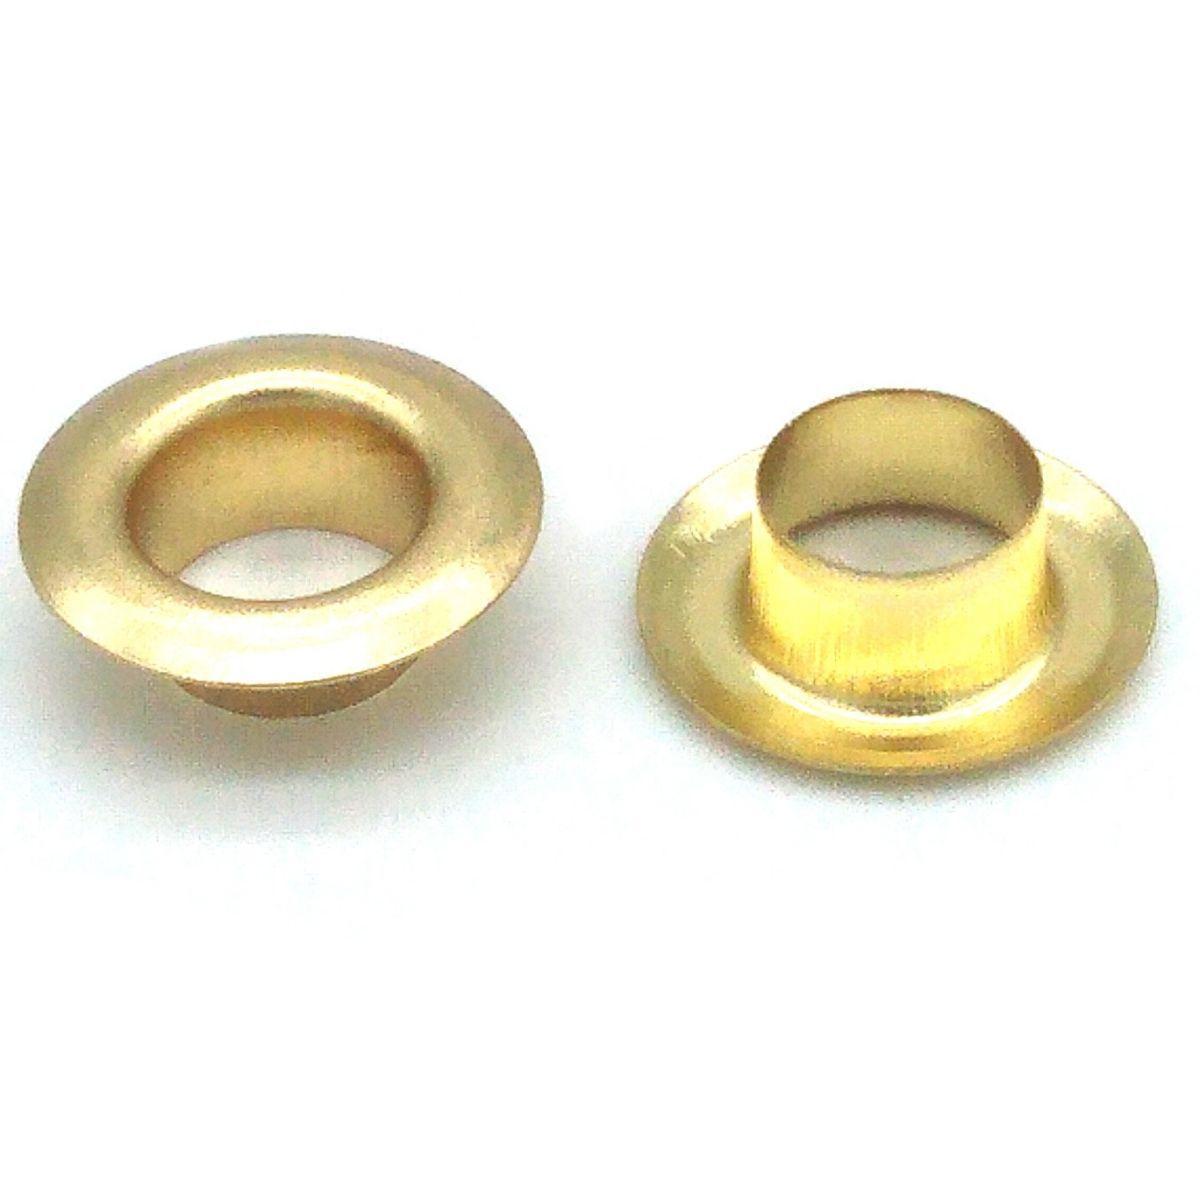 Ilhós Ferro Dourado Nº 45 15mm de diâmetro externo